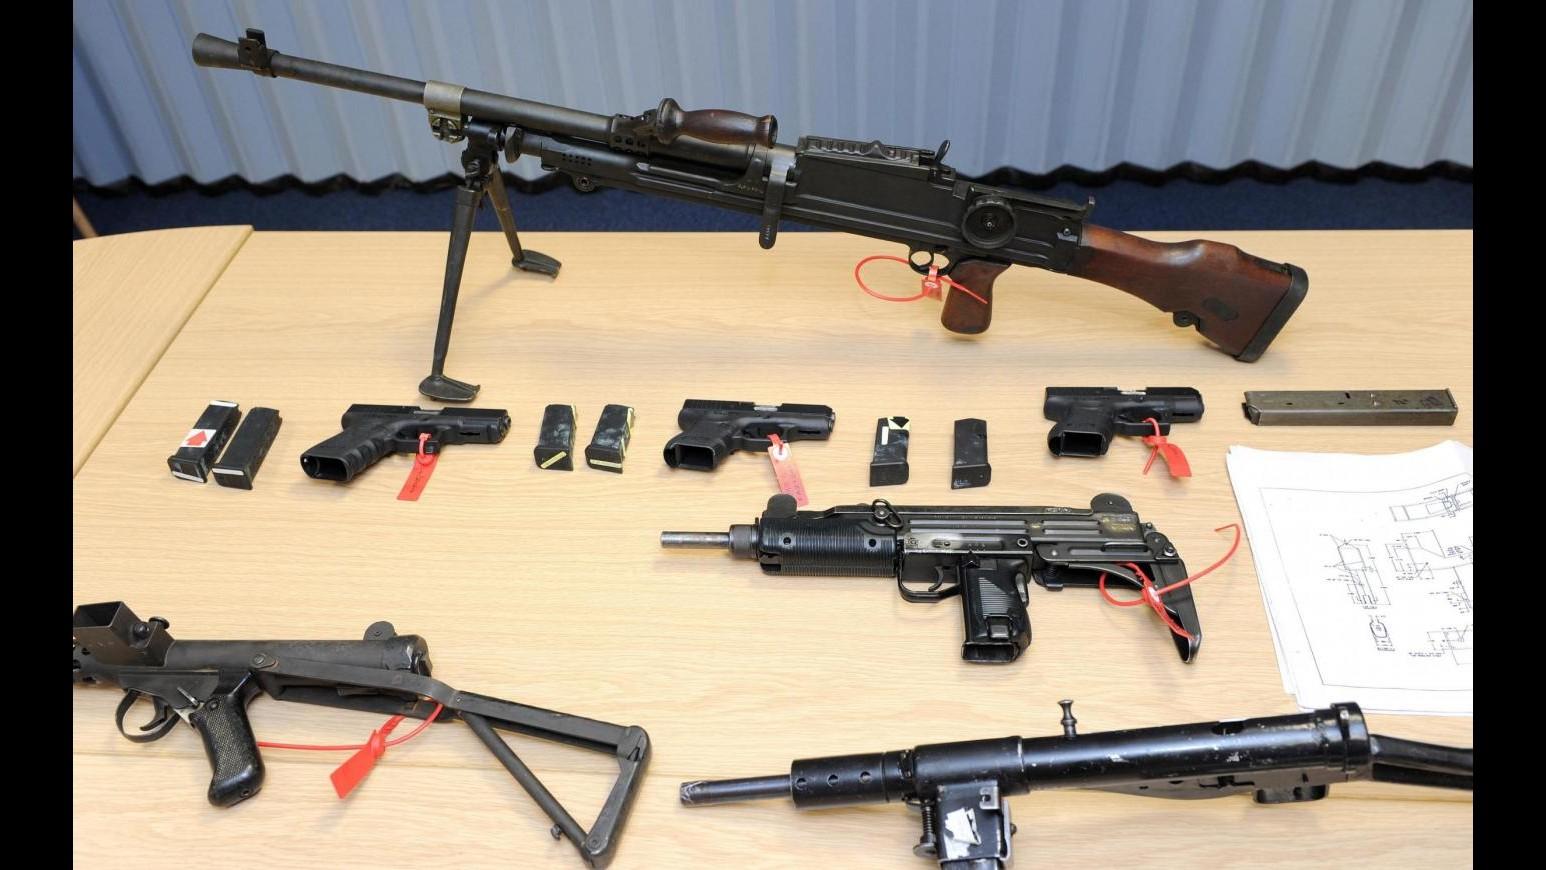 Usa, editoriale Nyt in prima pagina chiede più controlli su armi